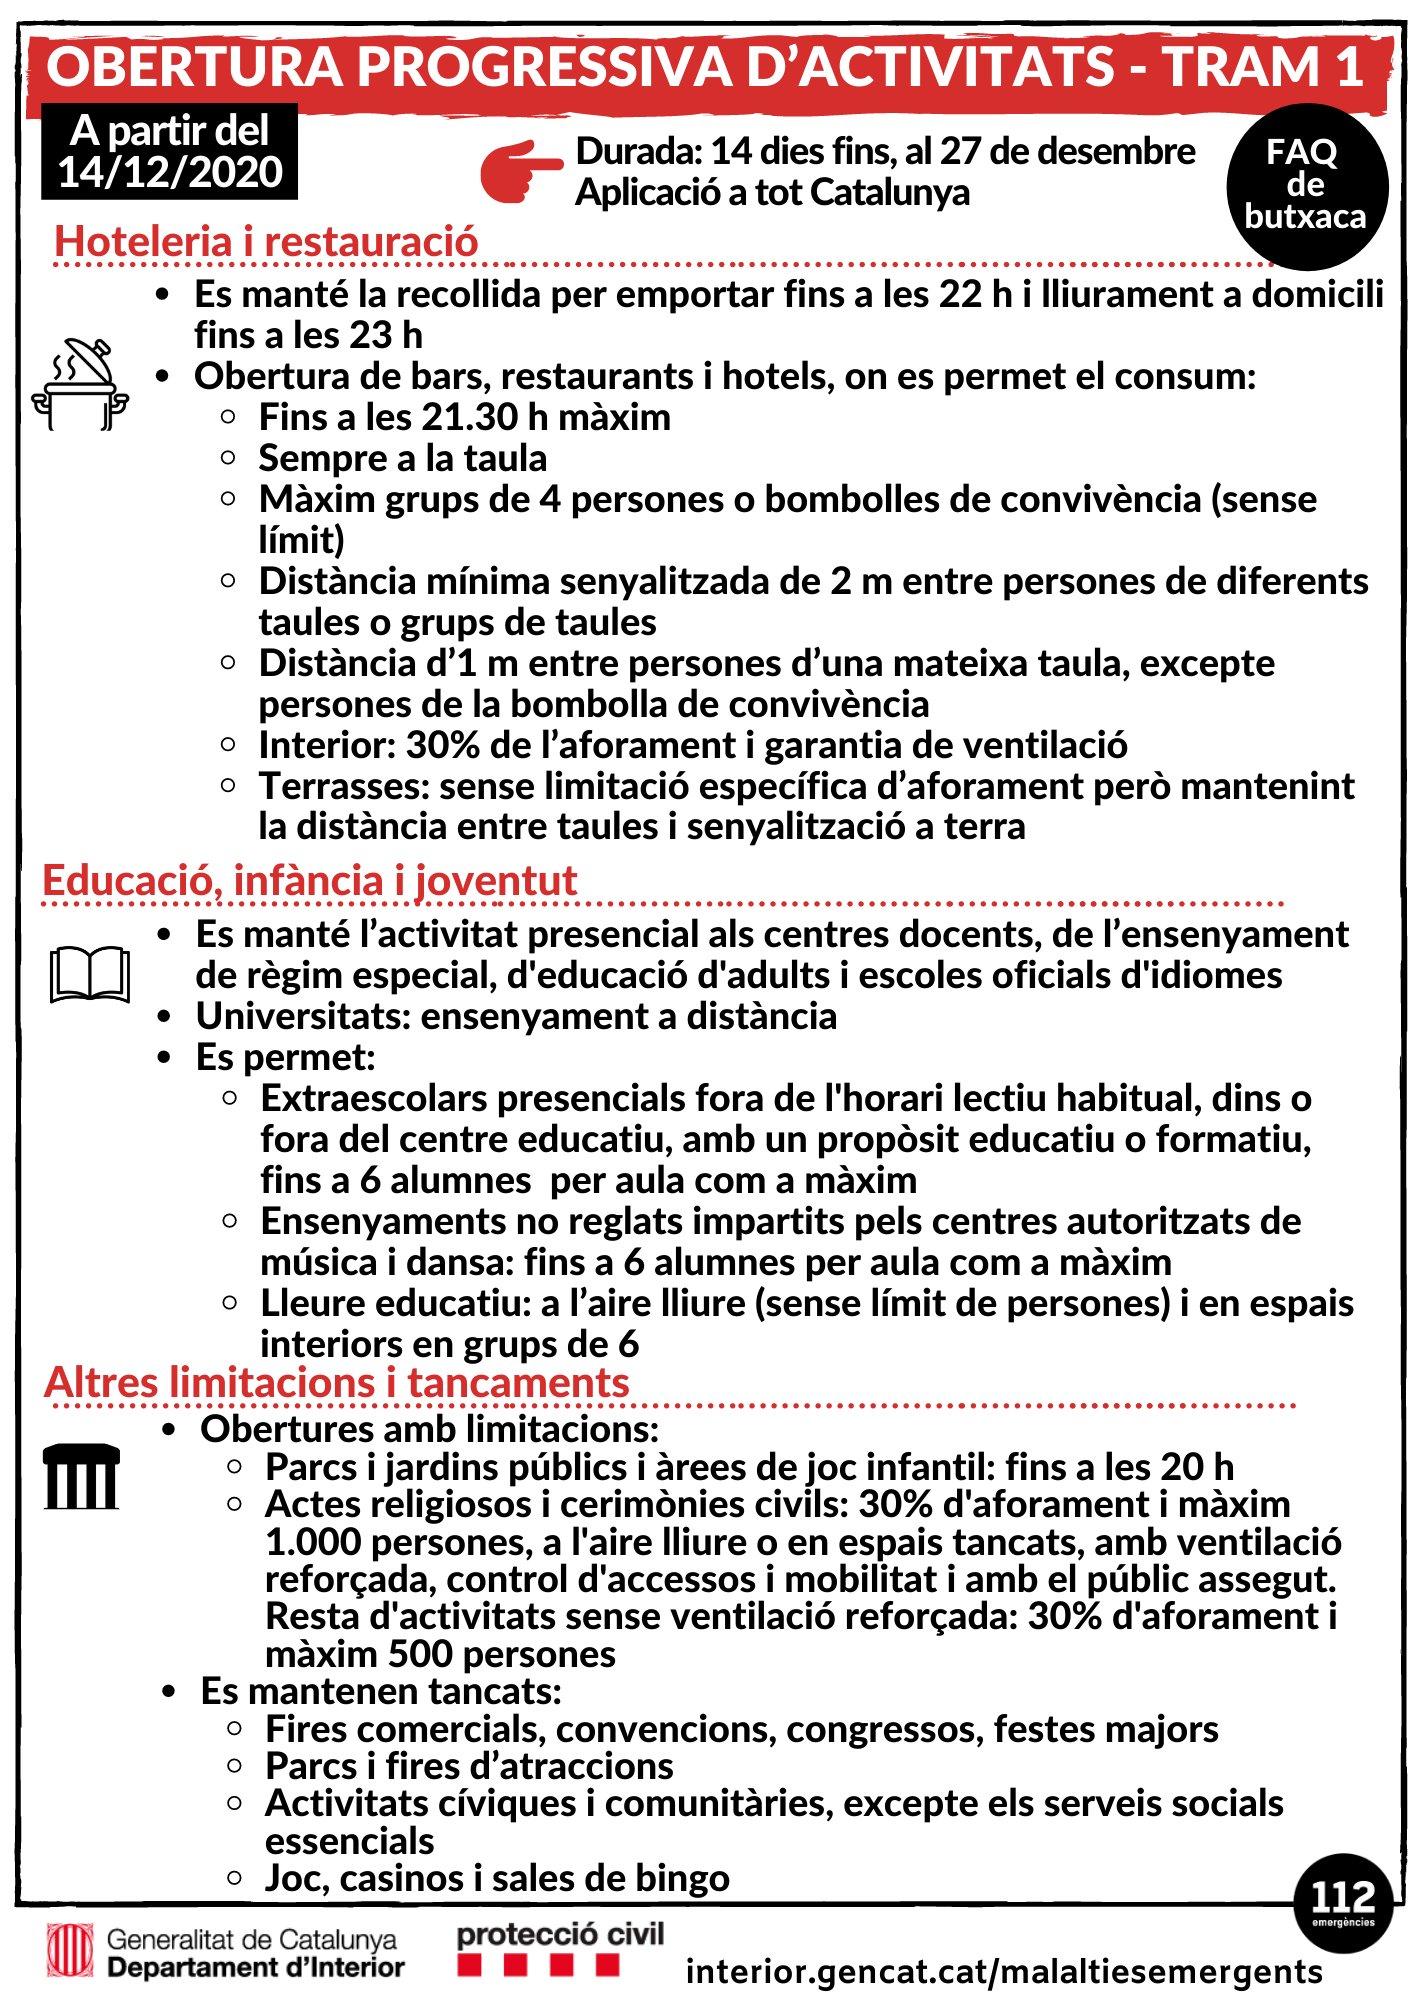 Aquest dilluns 14 de desembre es flexibilitzen algunes mesures del tram 1